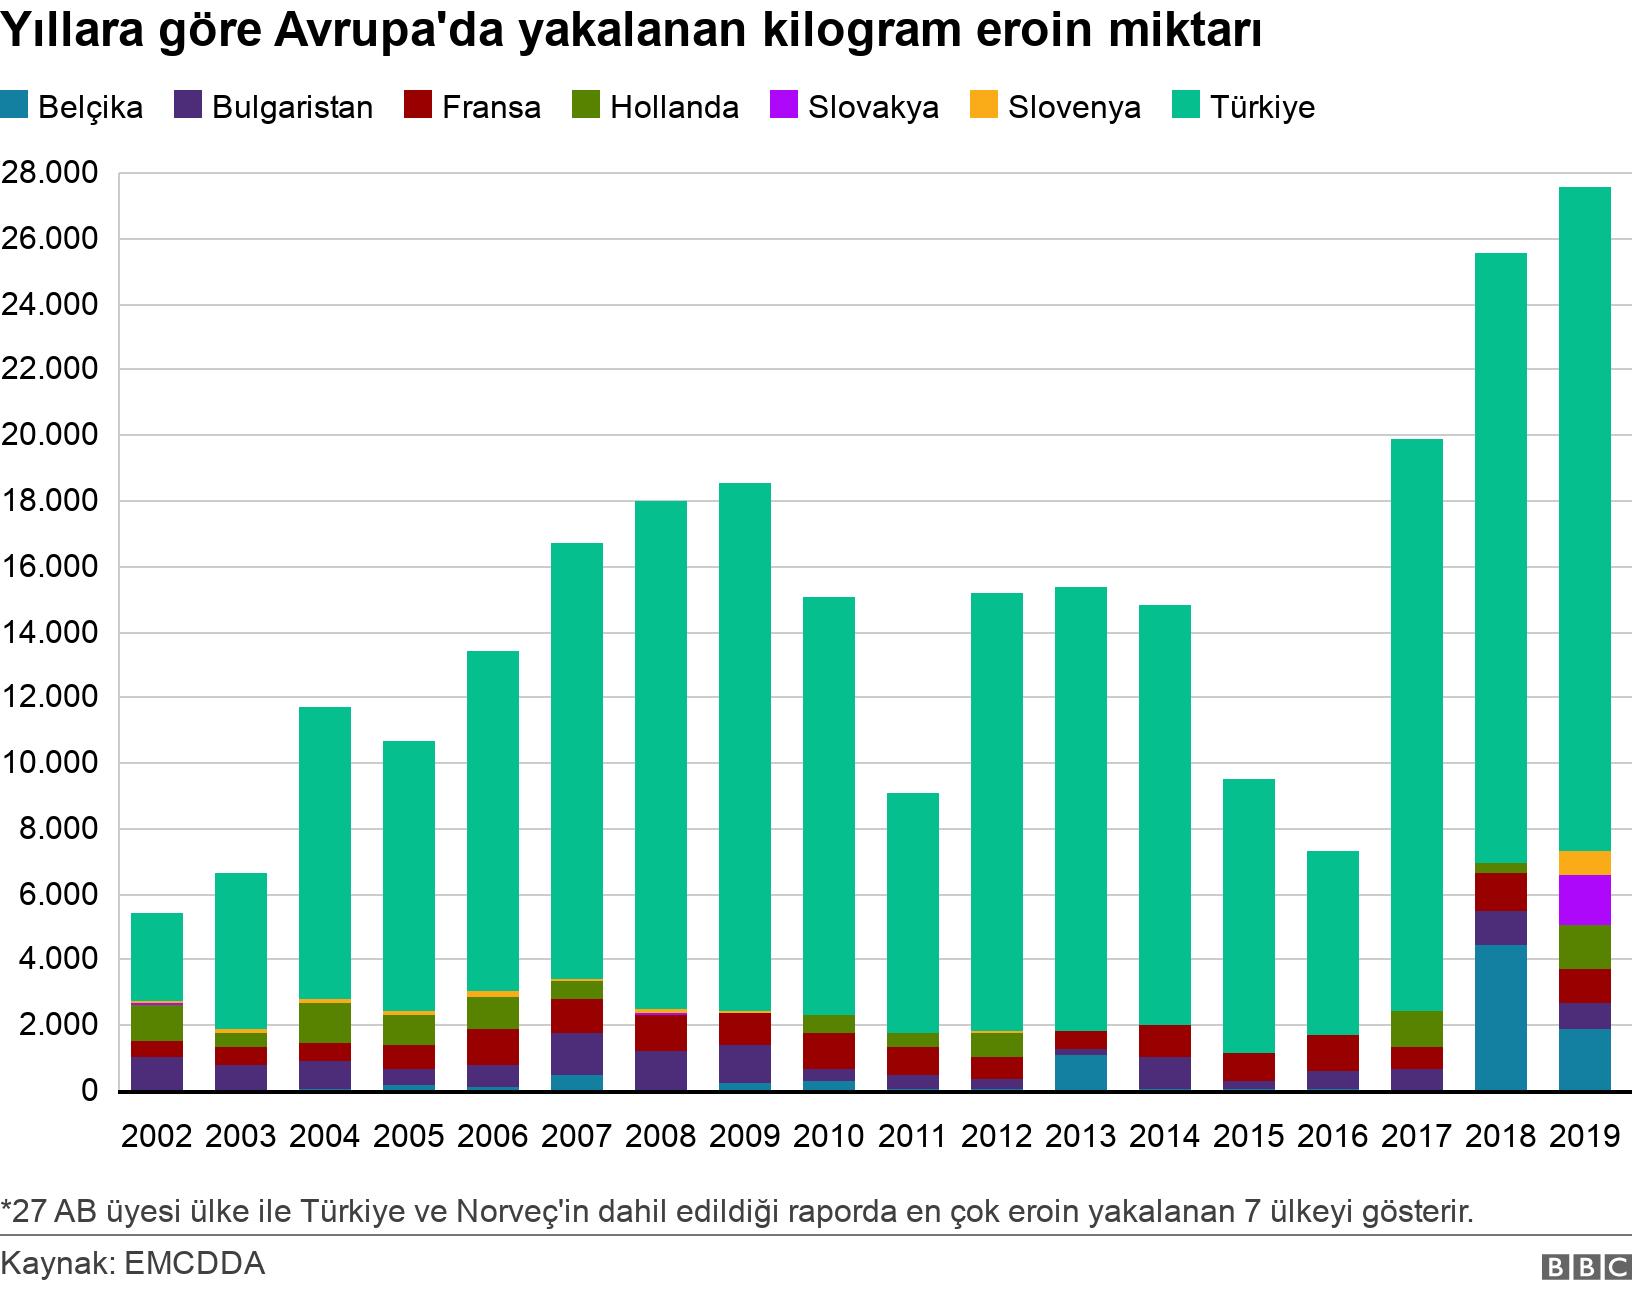 Yıllara göre Avrupa'da yakalanan kilogram eroin miktarı. .  *27 AB üyesi ülke ile Türkiye ve Norveç'in dahil edildiği raporda en çok eroin yakalanan 7 ülkeyi gösterir..